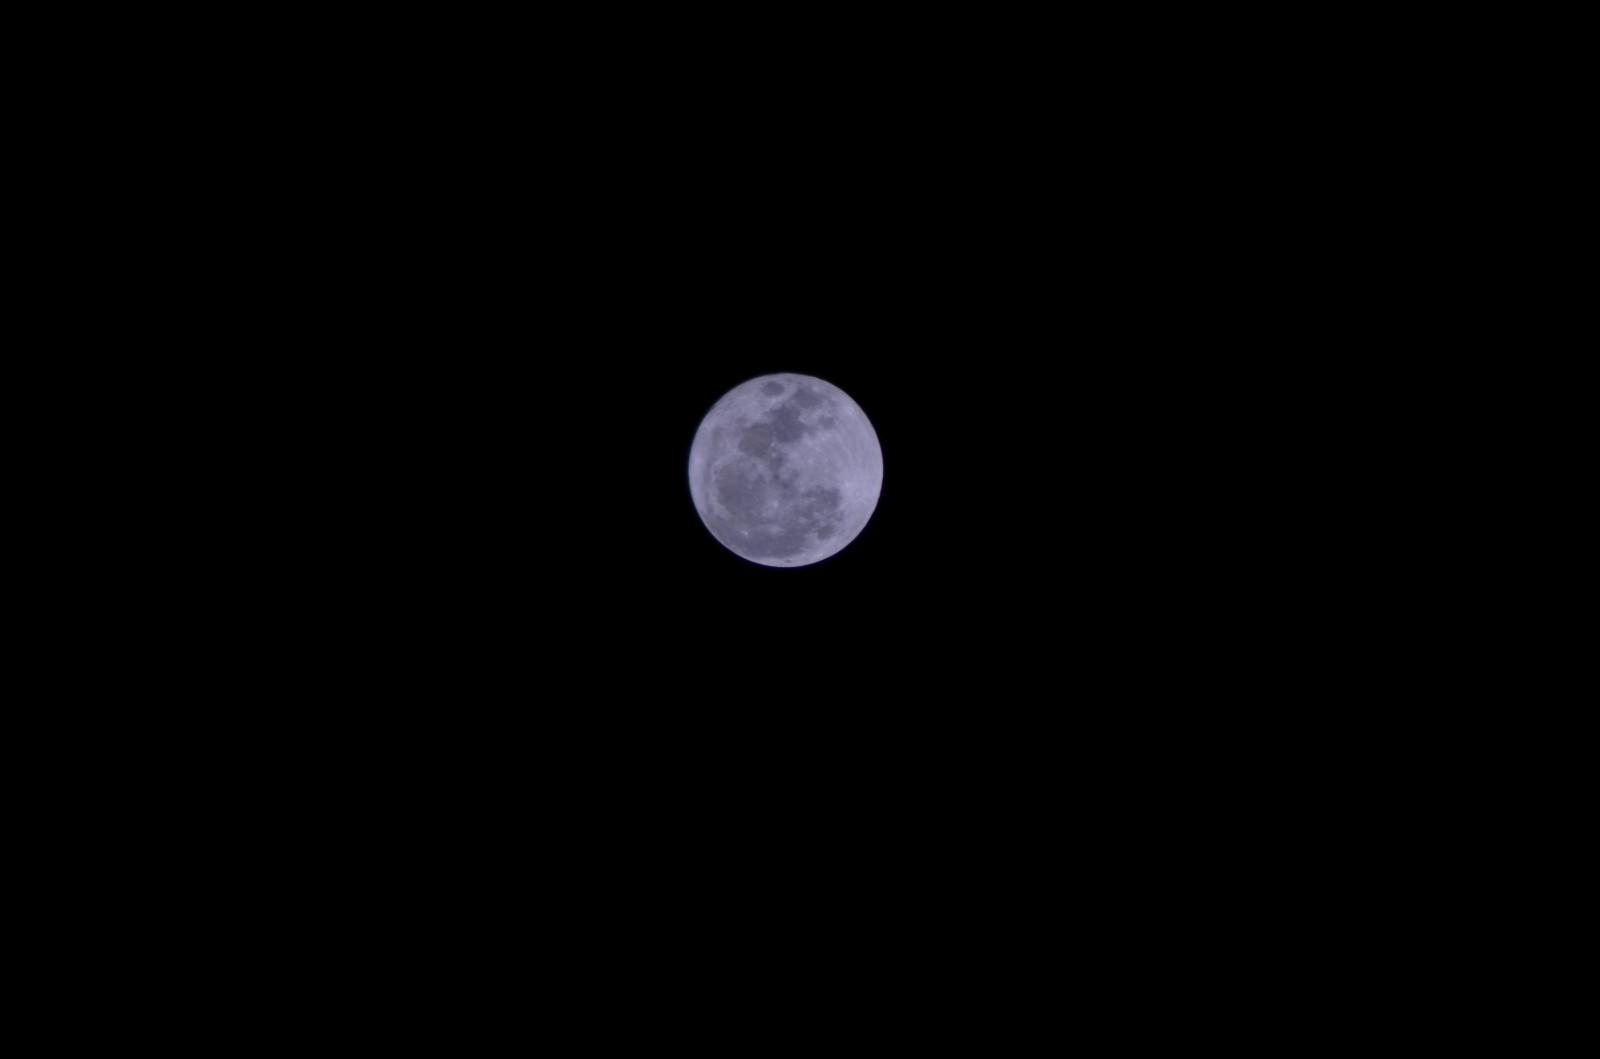 デスクトップ壁紙 夜 写真 月光 サークル 雰囲気 満月 天体の